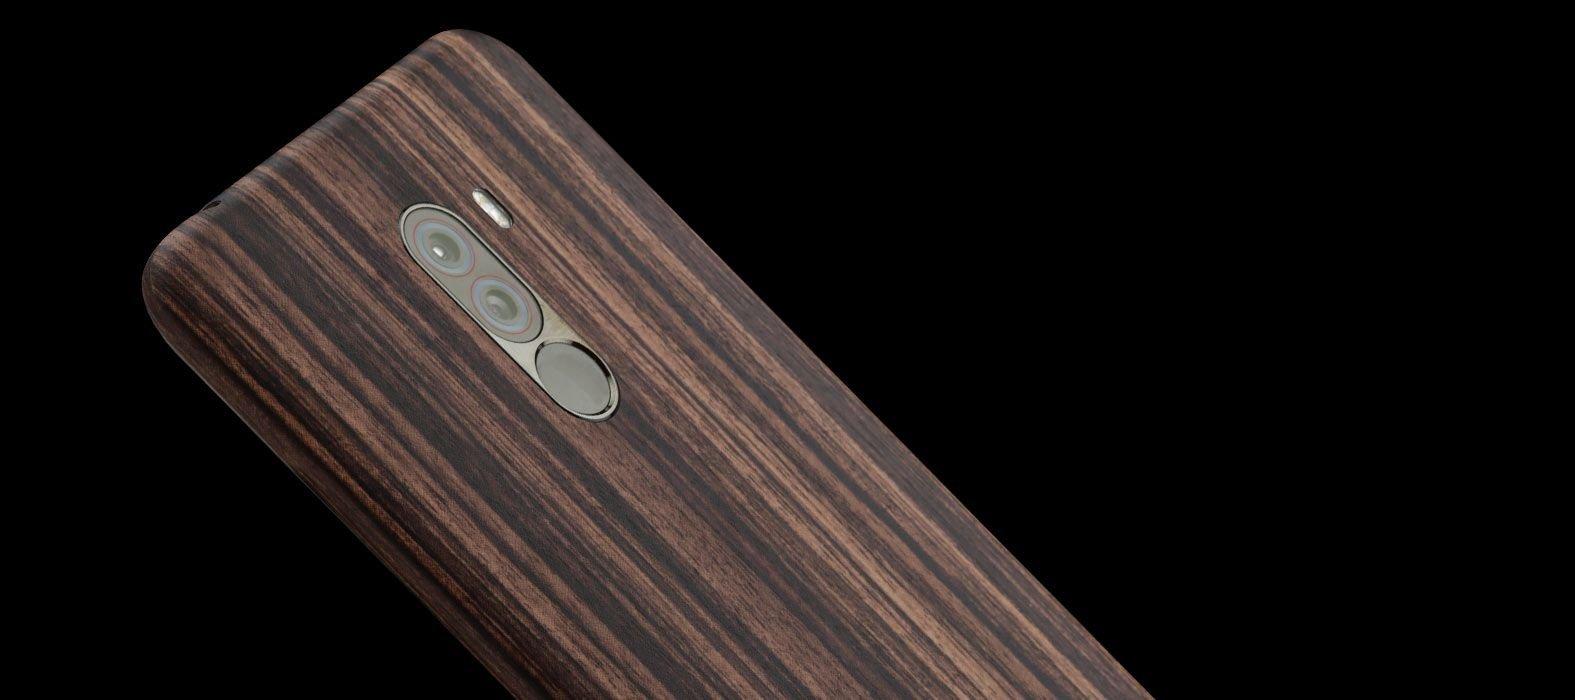 Poco-F1s_Zebra-Wood_Skins